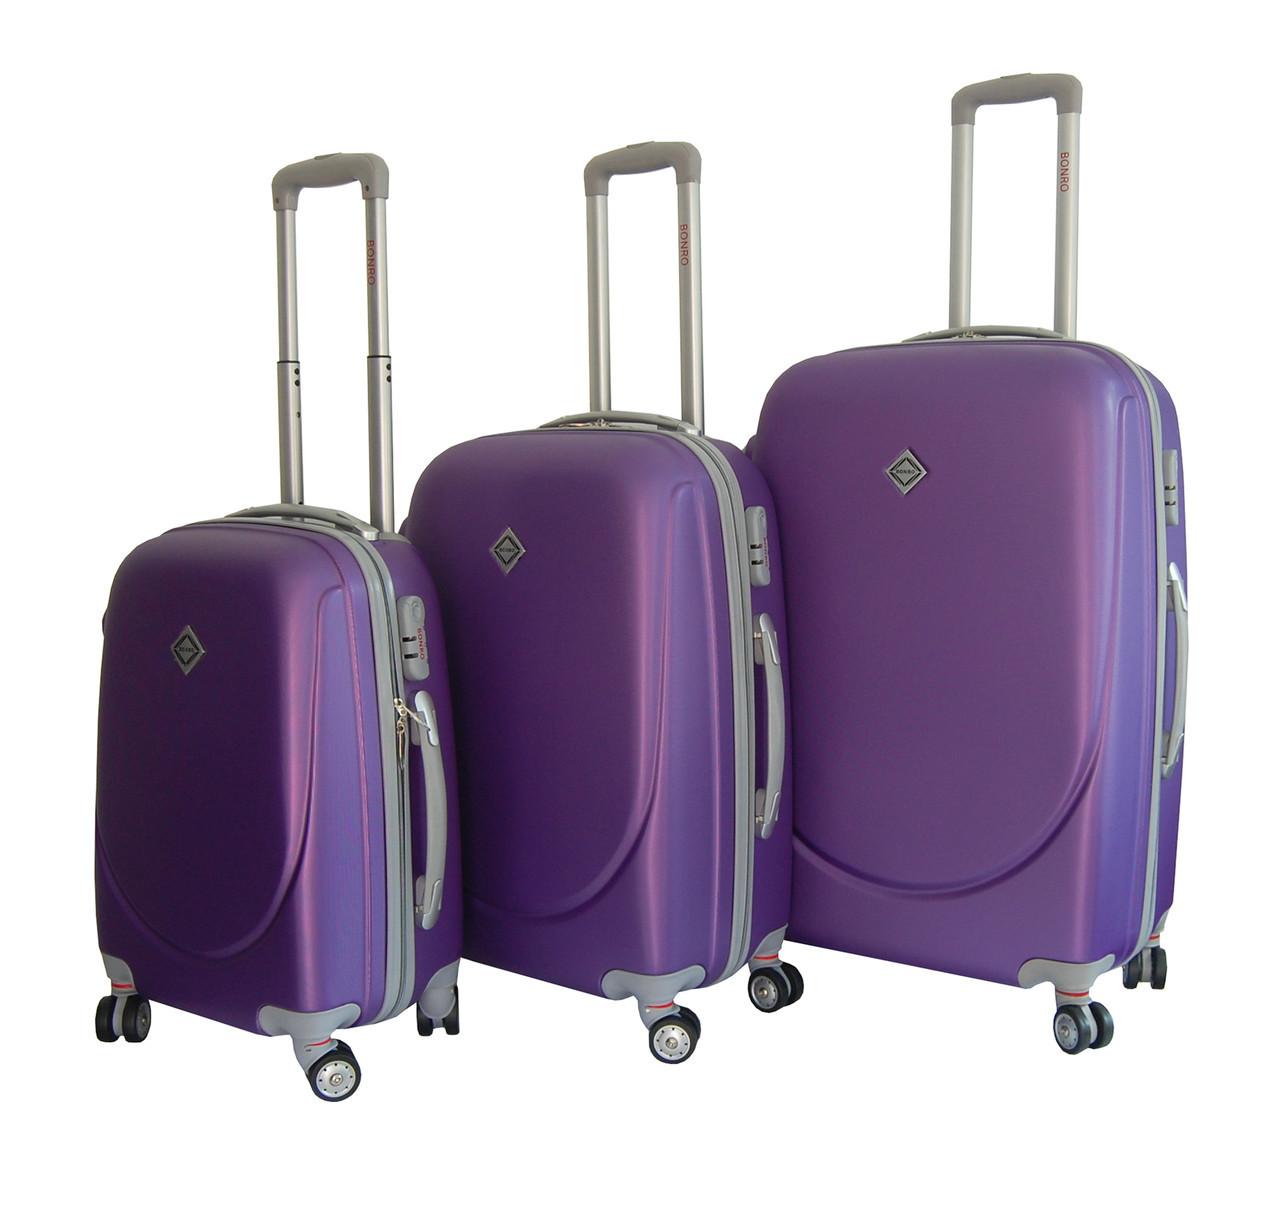 Чемодан Bonro Smile с двойными колесами набор 3 штуки фиолетовый